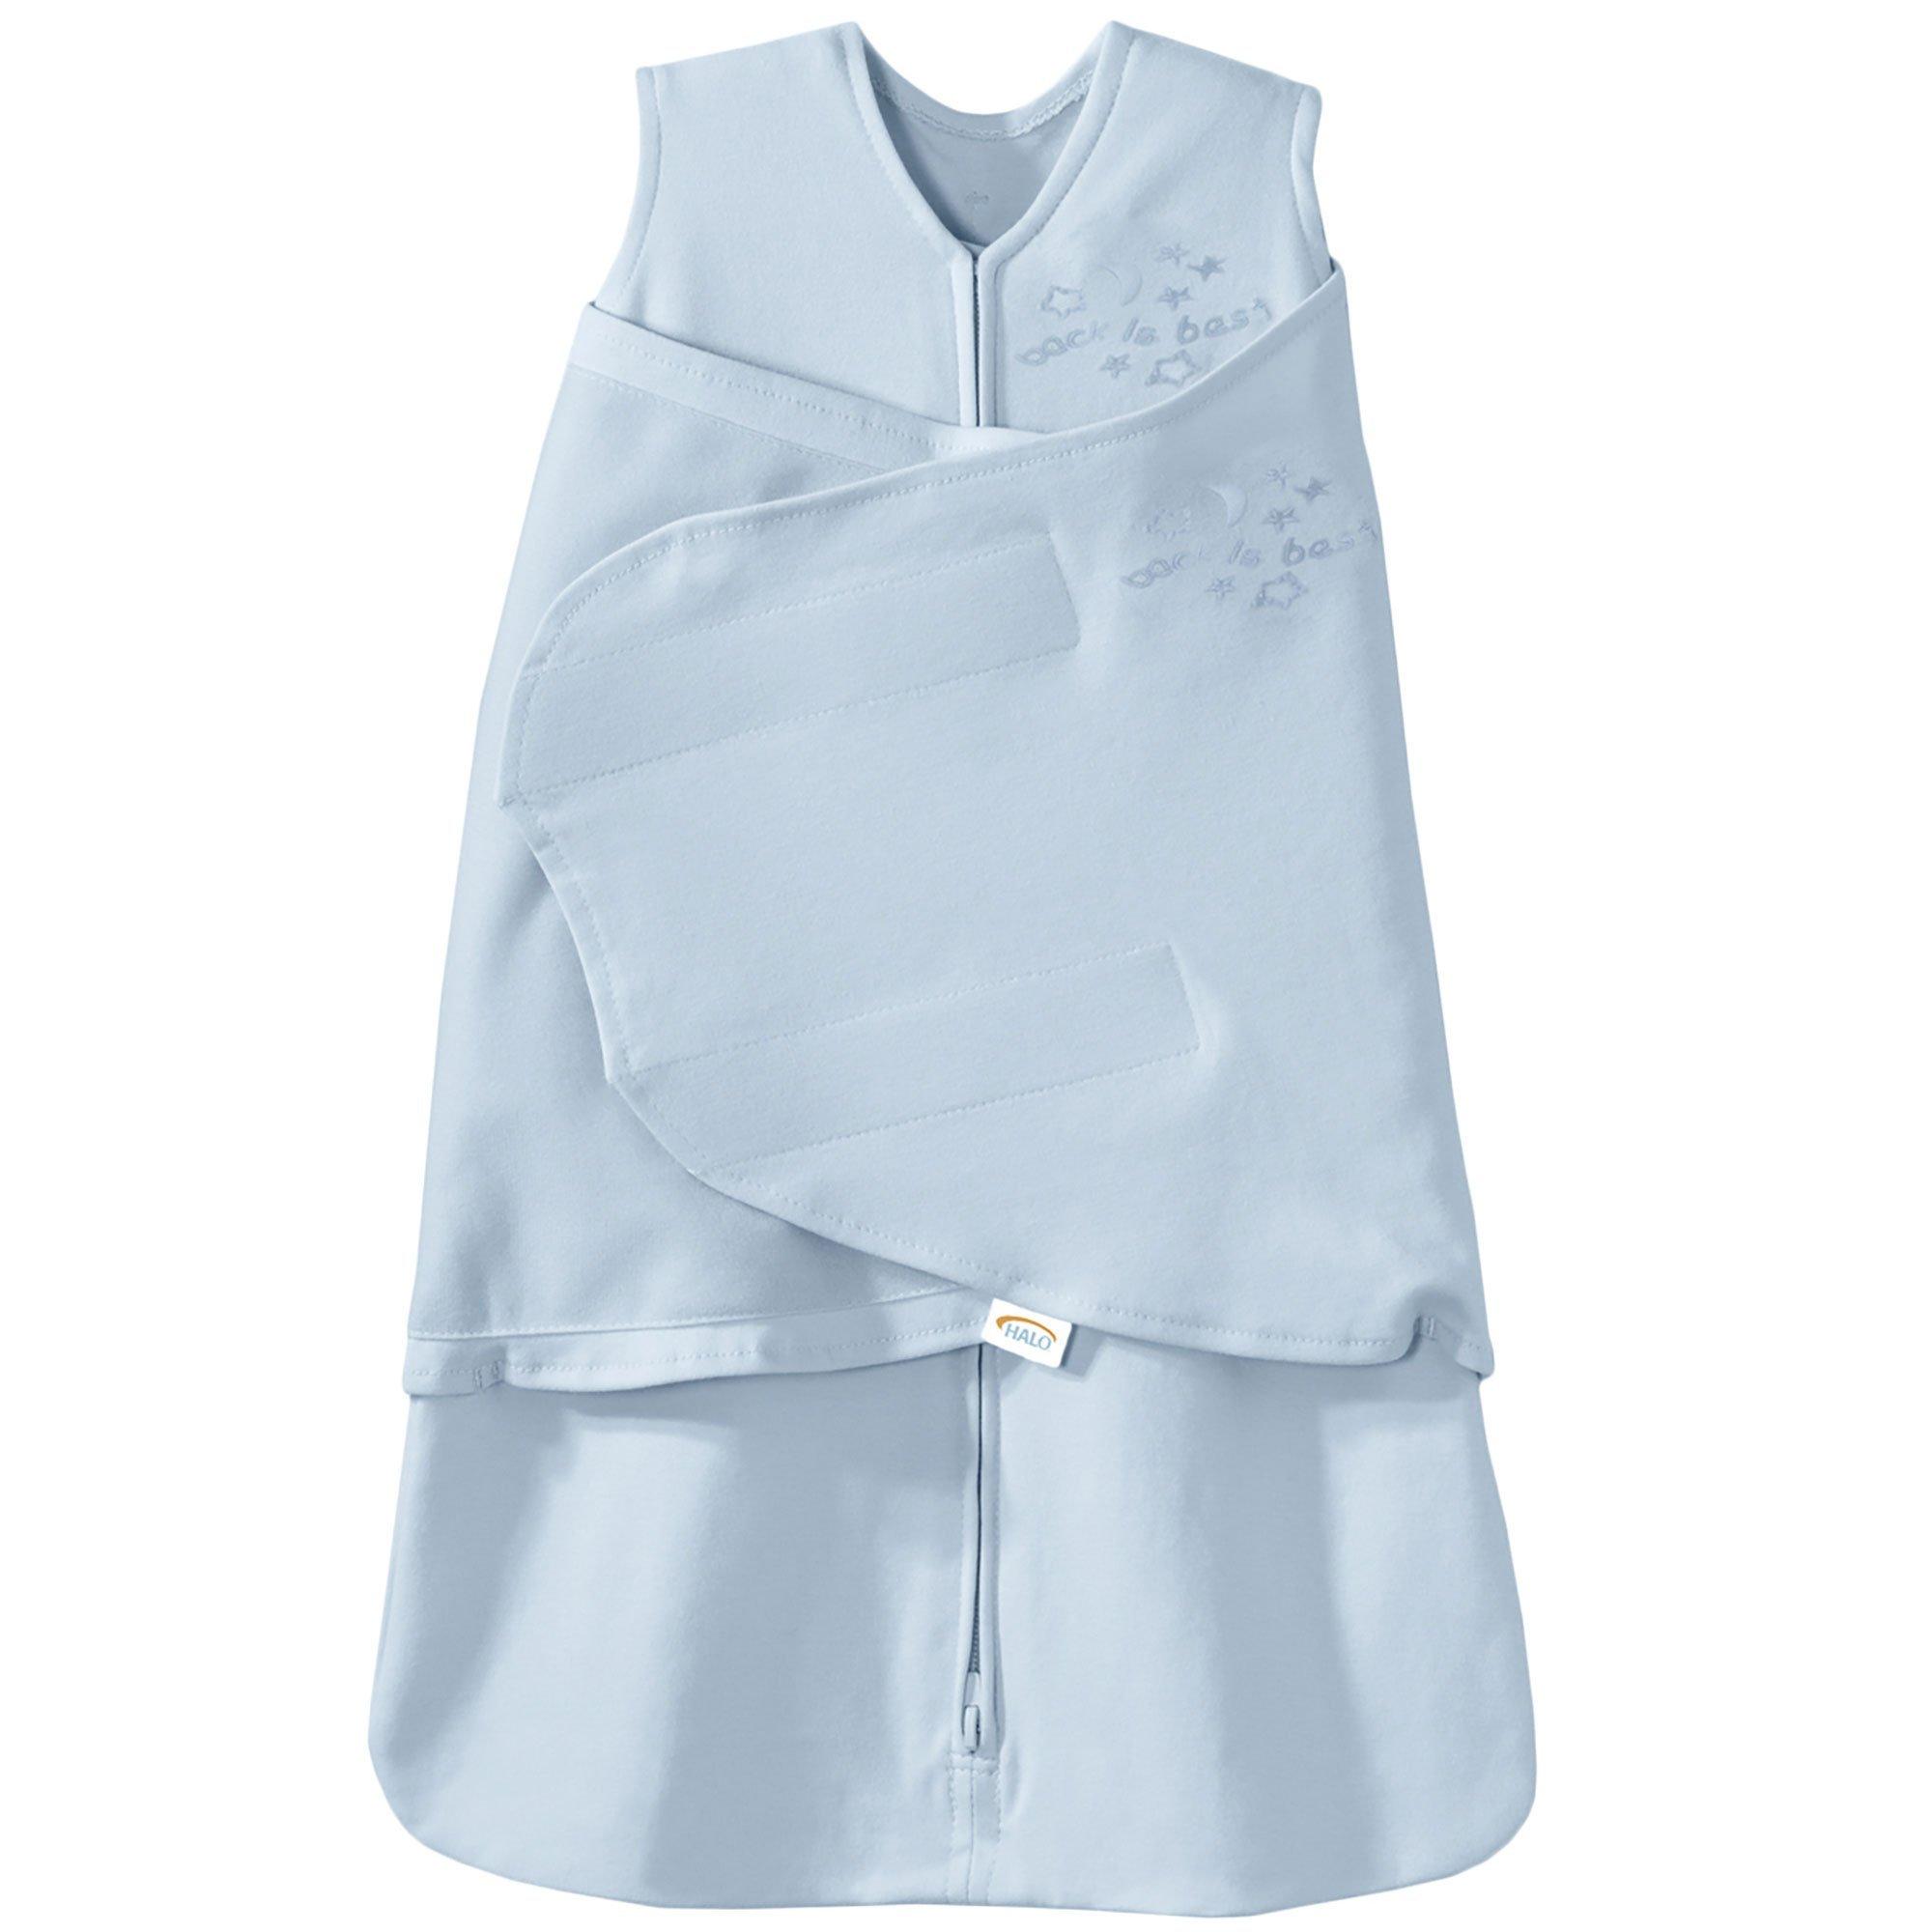 HALO SleepSack 100% Cotton Swaddle, Baby Blue, Newborn